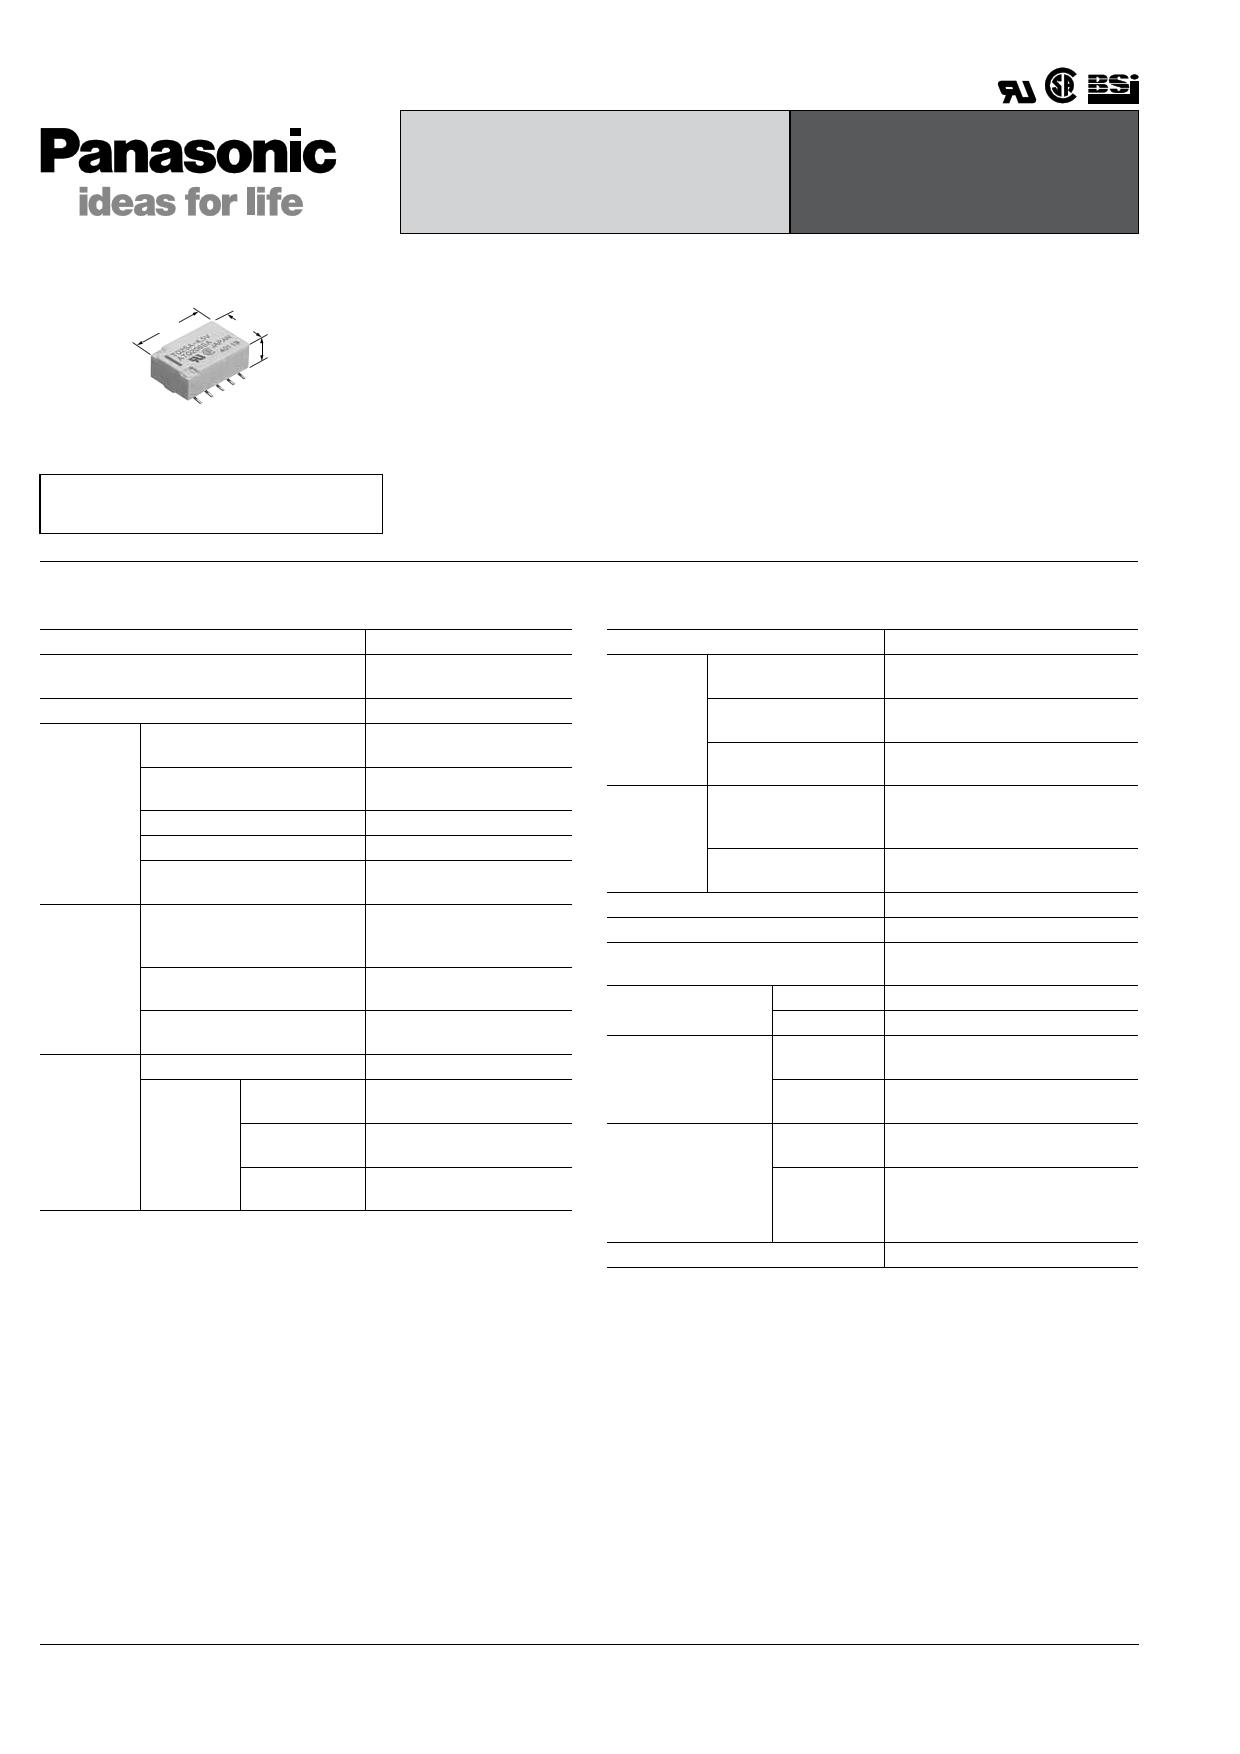 TQ2SS-L2-4.5V 데이터시트 및 TQ2SS-L2-4.5V PDF